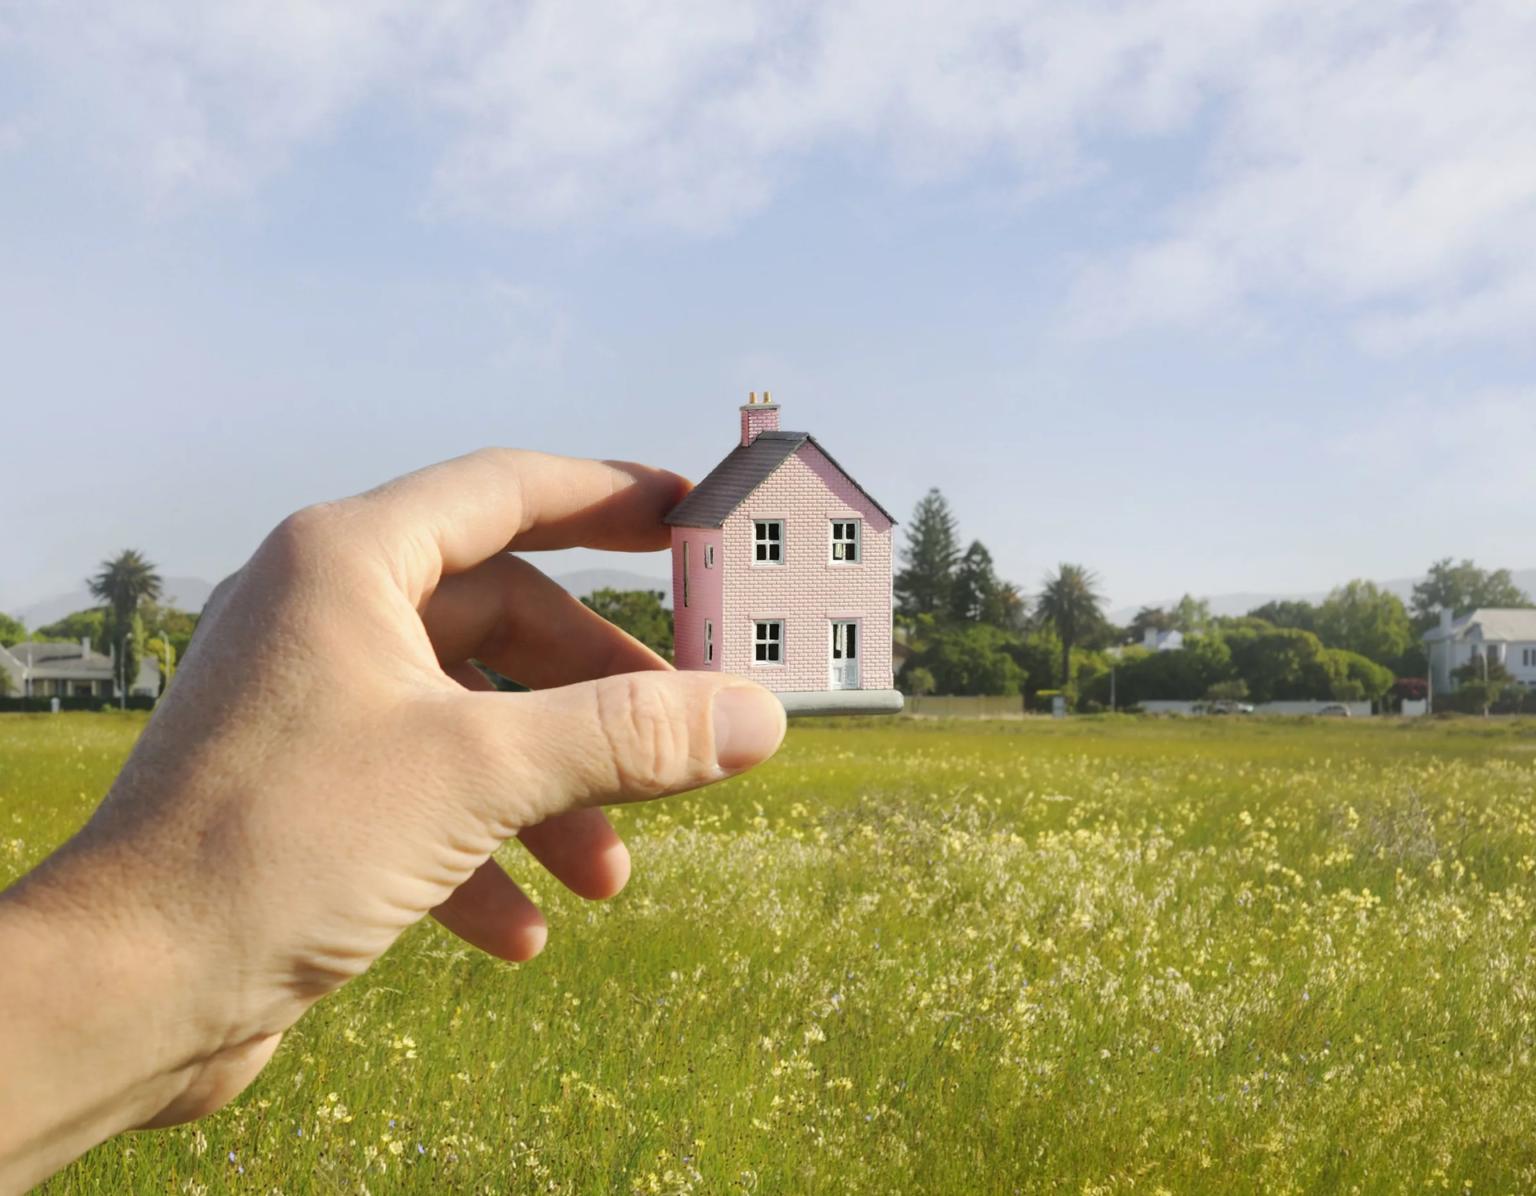 земельный участок для обслуживания жилого дома